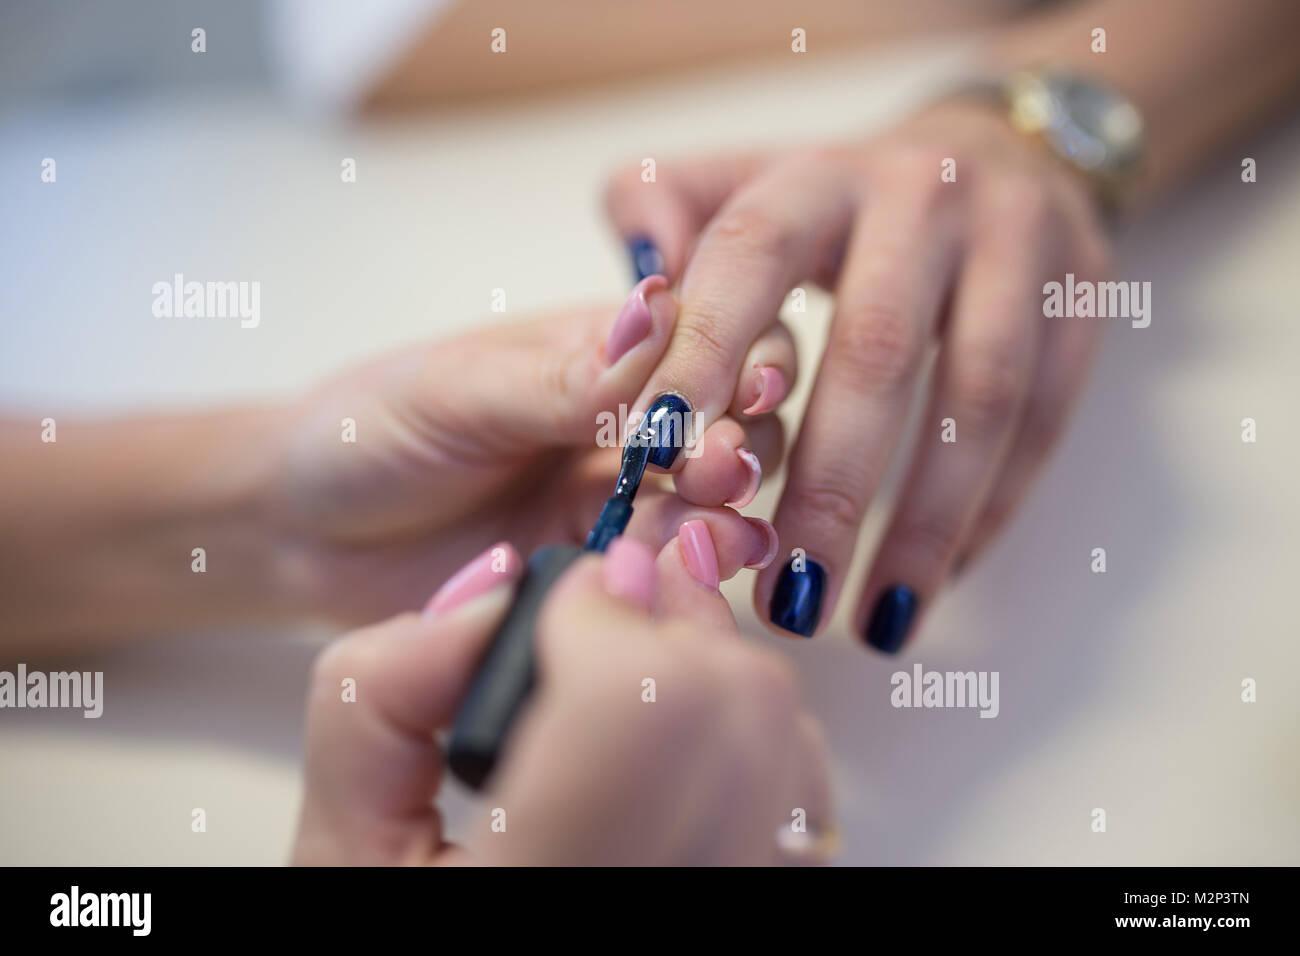 Hände von qualifizierten Maniküre Feilen der Nägel von Frau Client ...